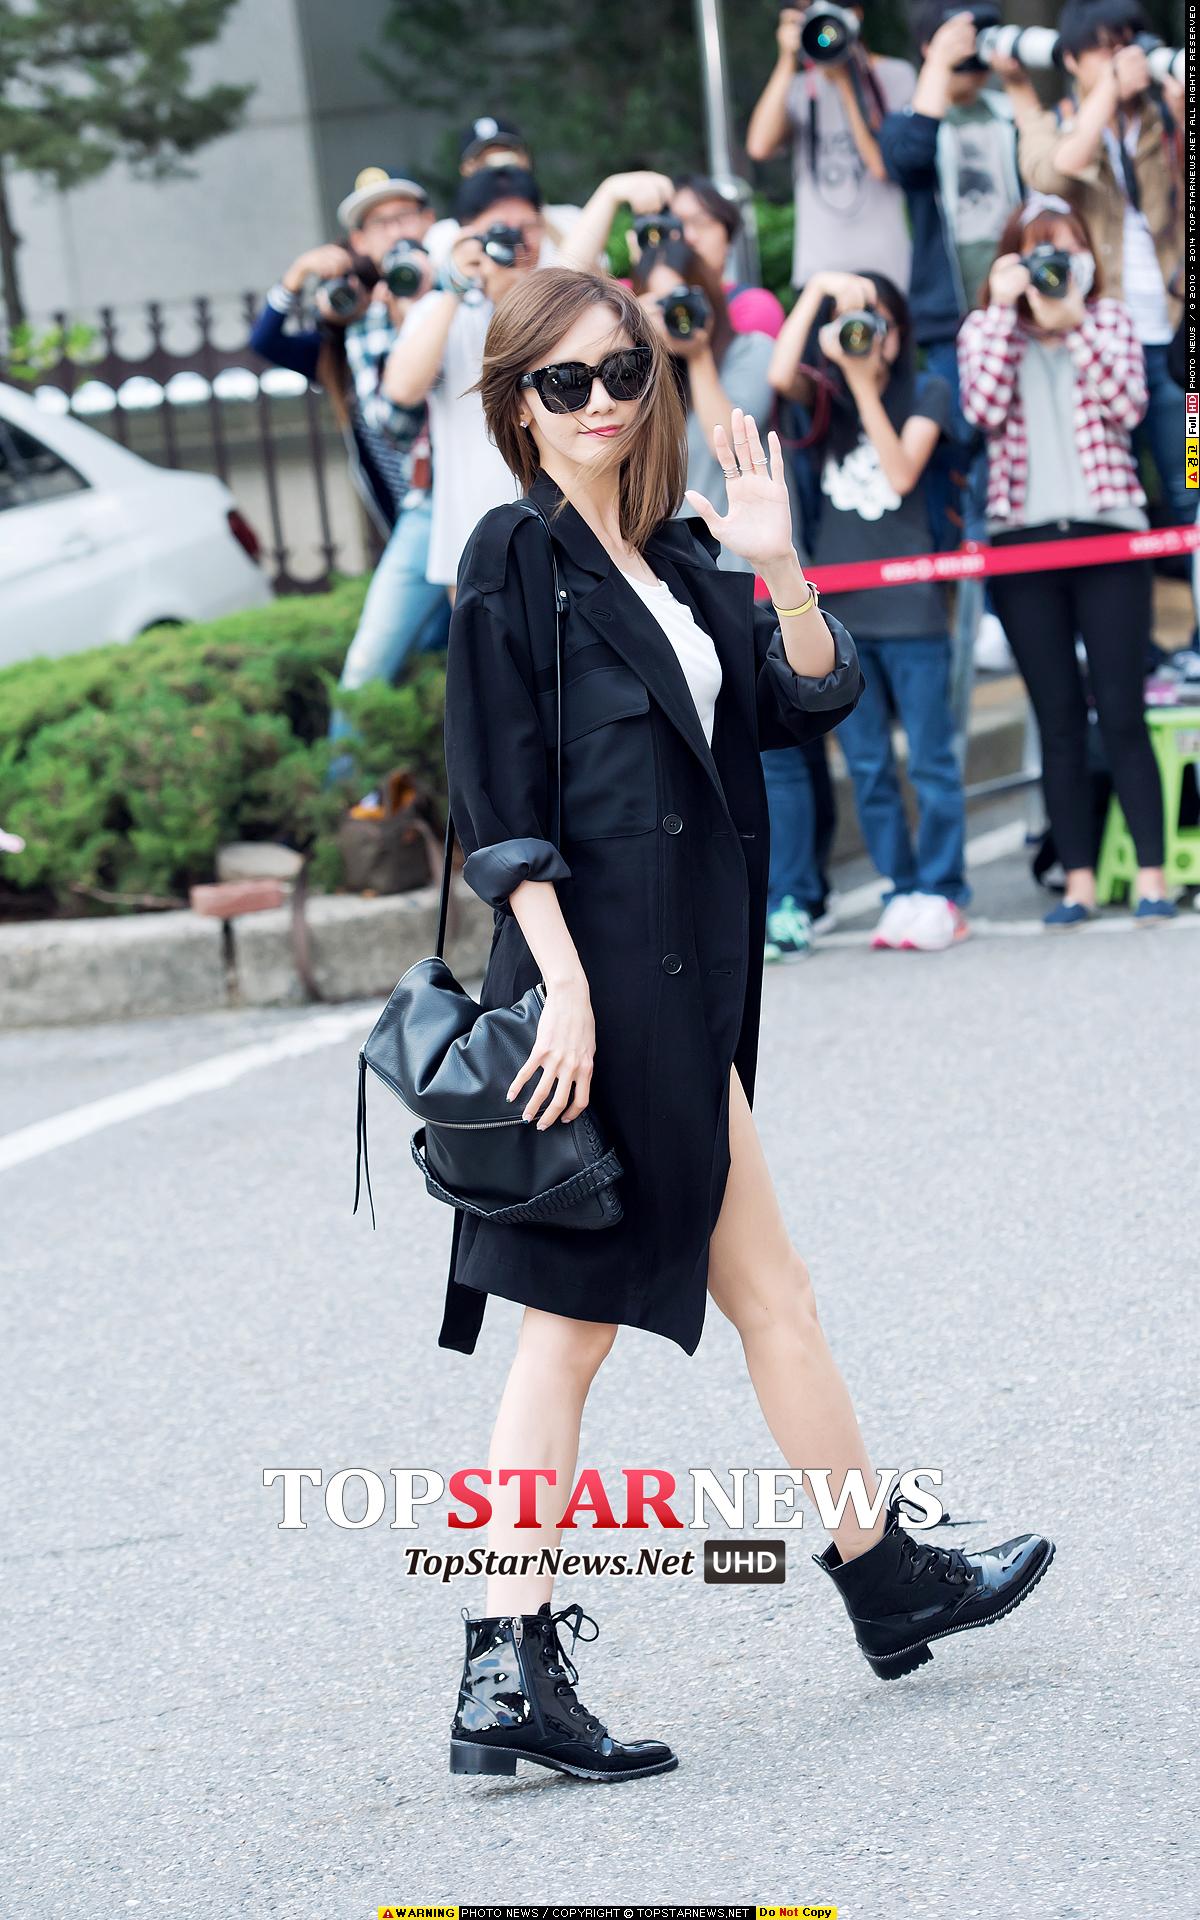 >潤娥用亮皮綁帶的機車靴混搭女人味的穿搭更有時髦感♬